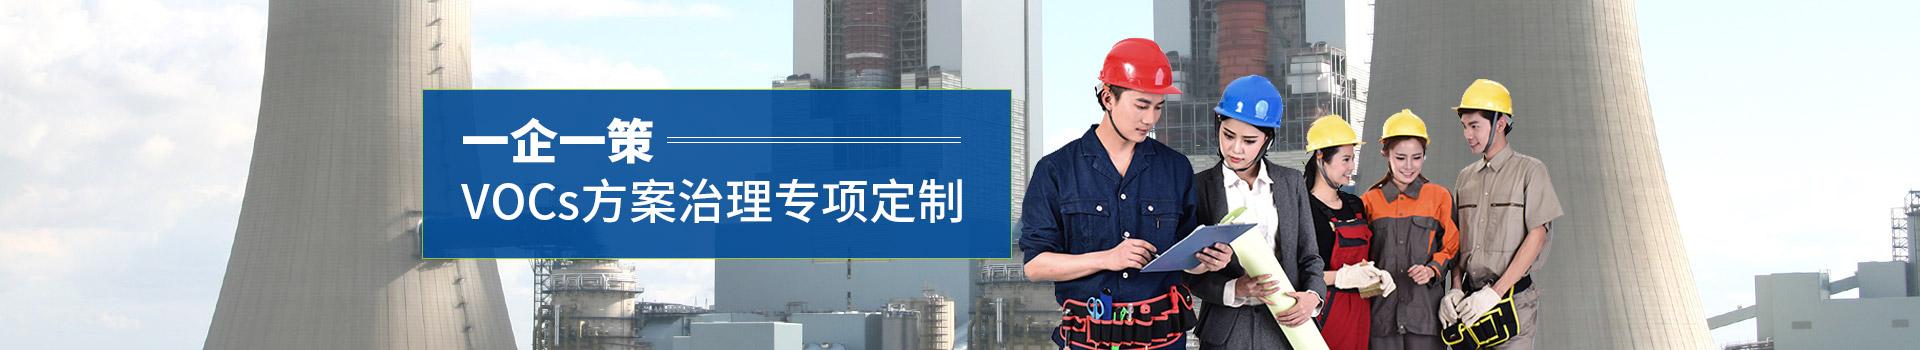 行业治理方案 一企一策 VOCs方案治理专项定制